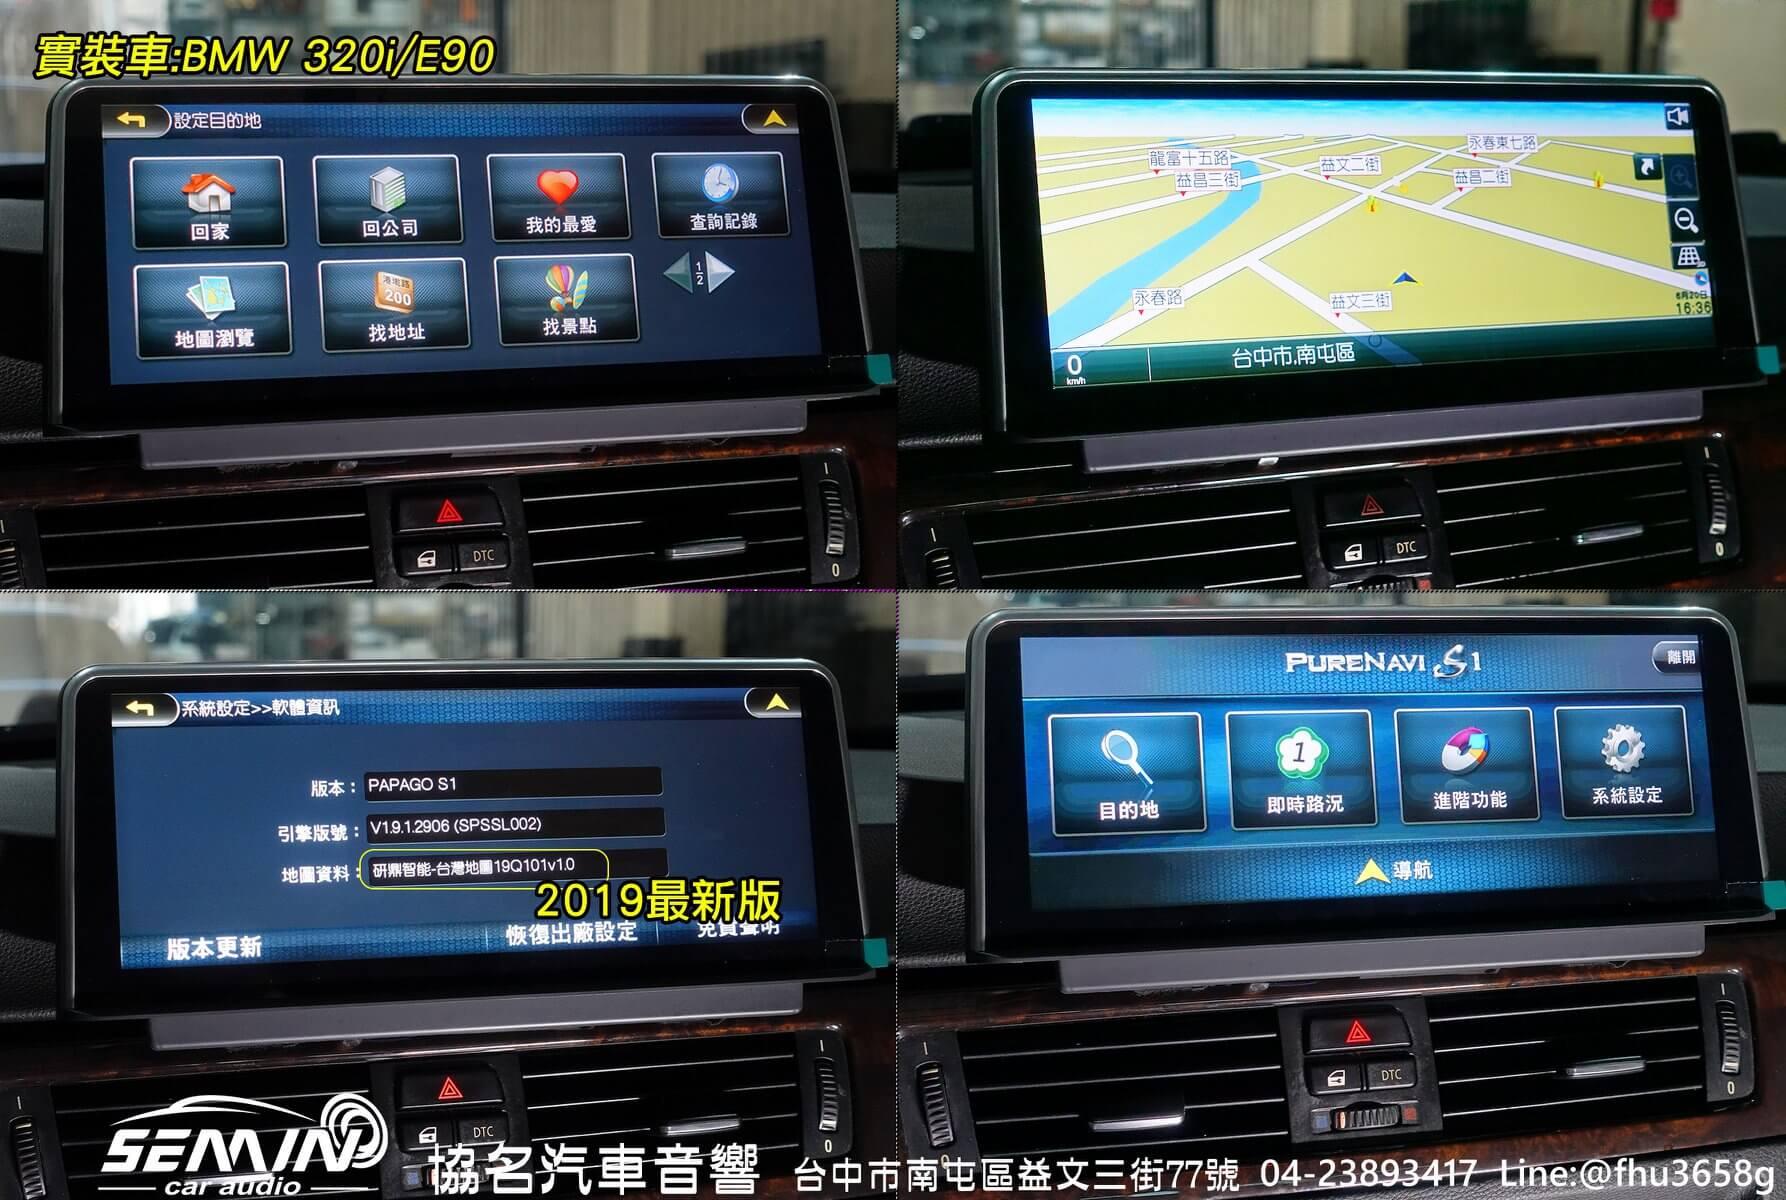 BMW 320i E90 專用安卓系統 10.25 吋大螢幕